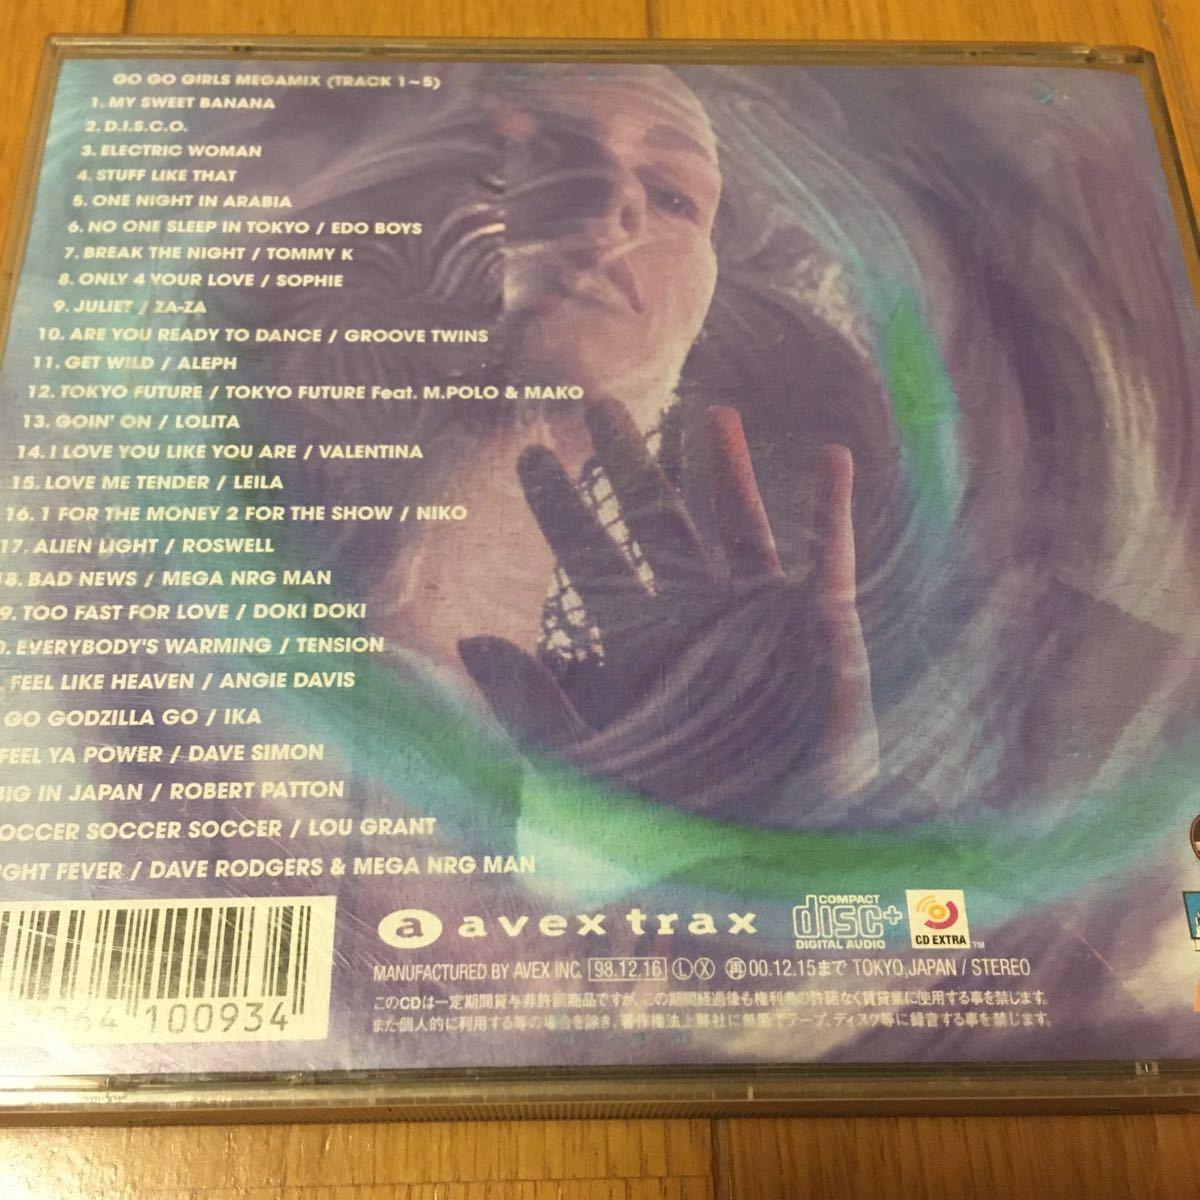 ネコポス送料無料☆匿名発送☆2CD☆super Eurobeat vol.93☆スーパーユーロビート vol.93☆avex trax☆エイベックス☆_画像2